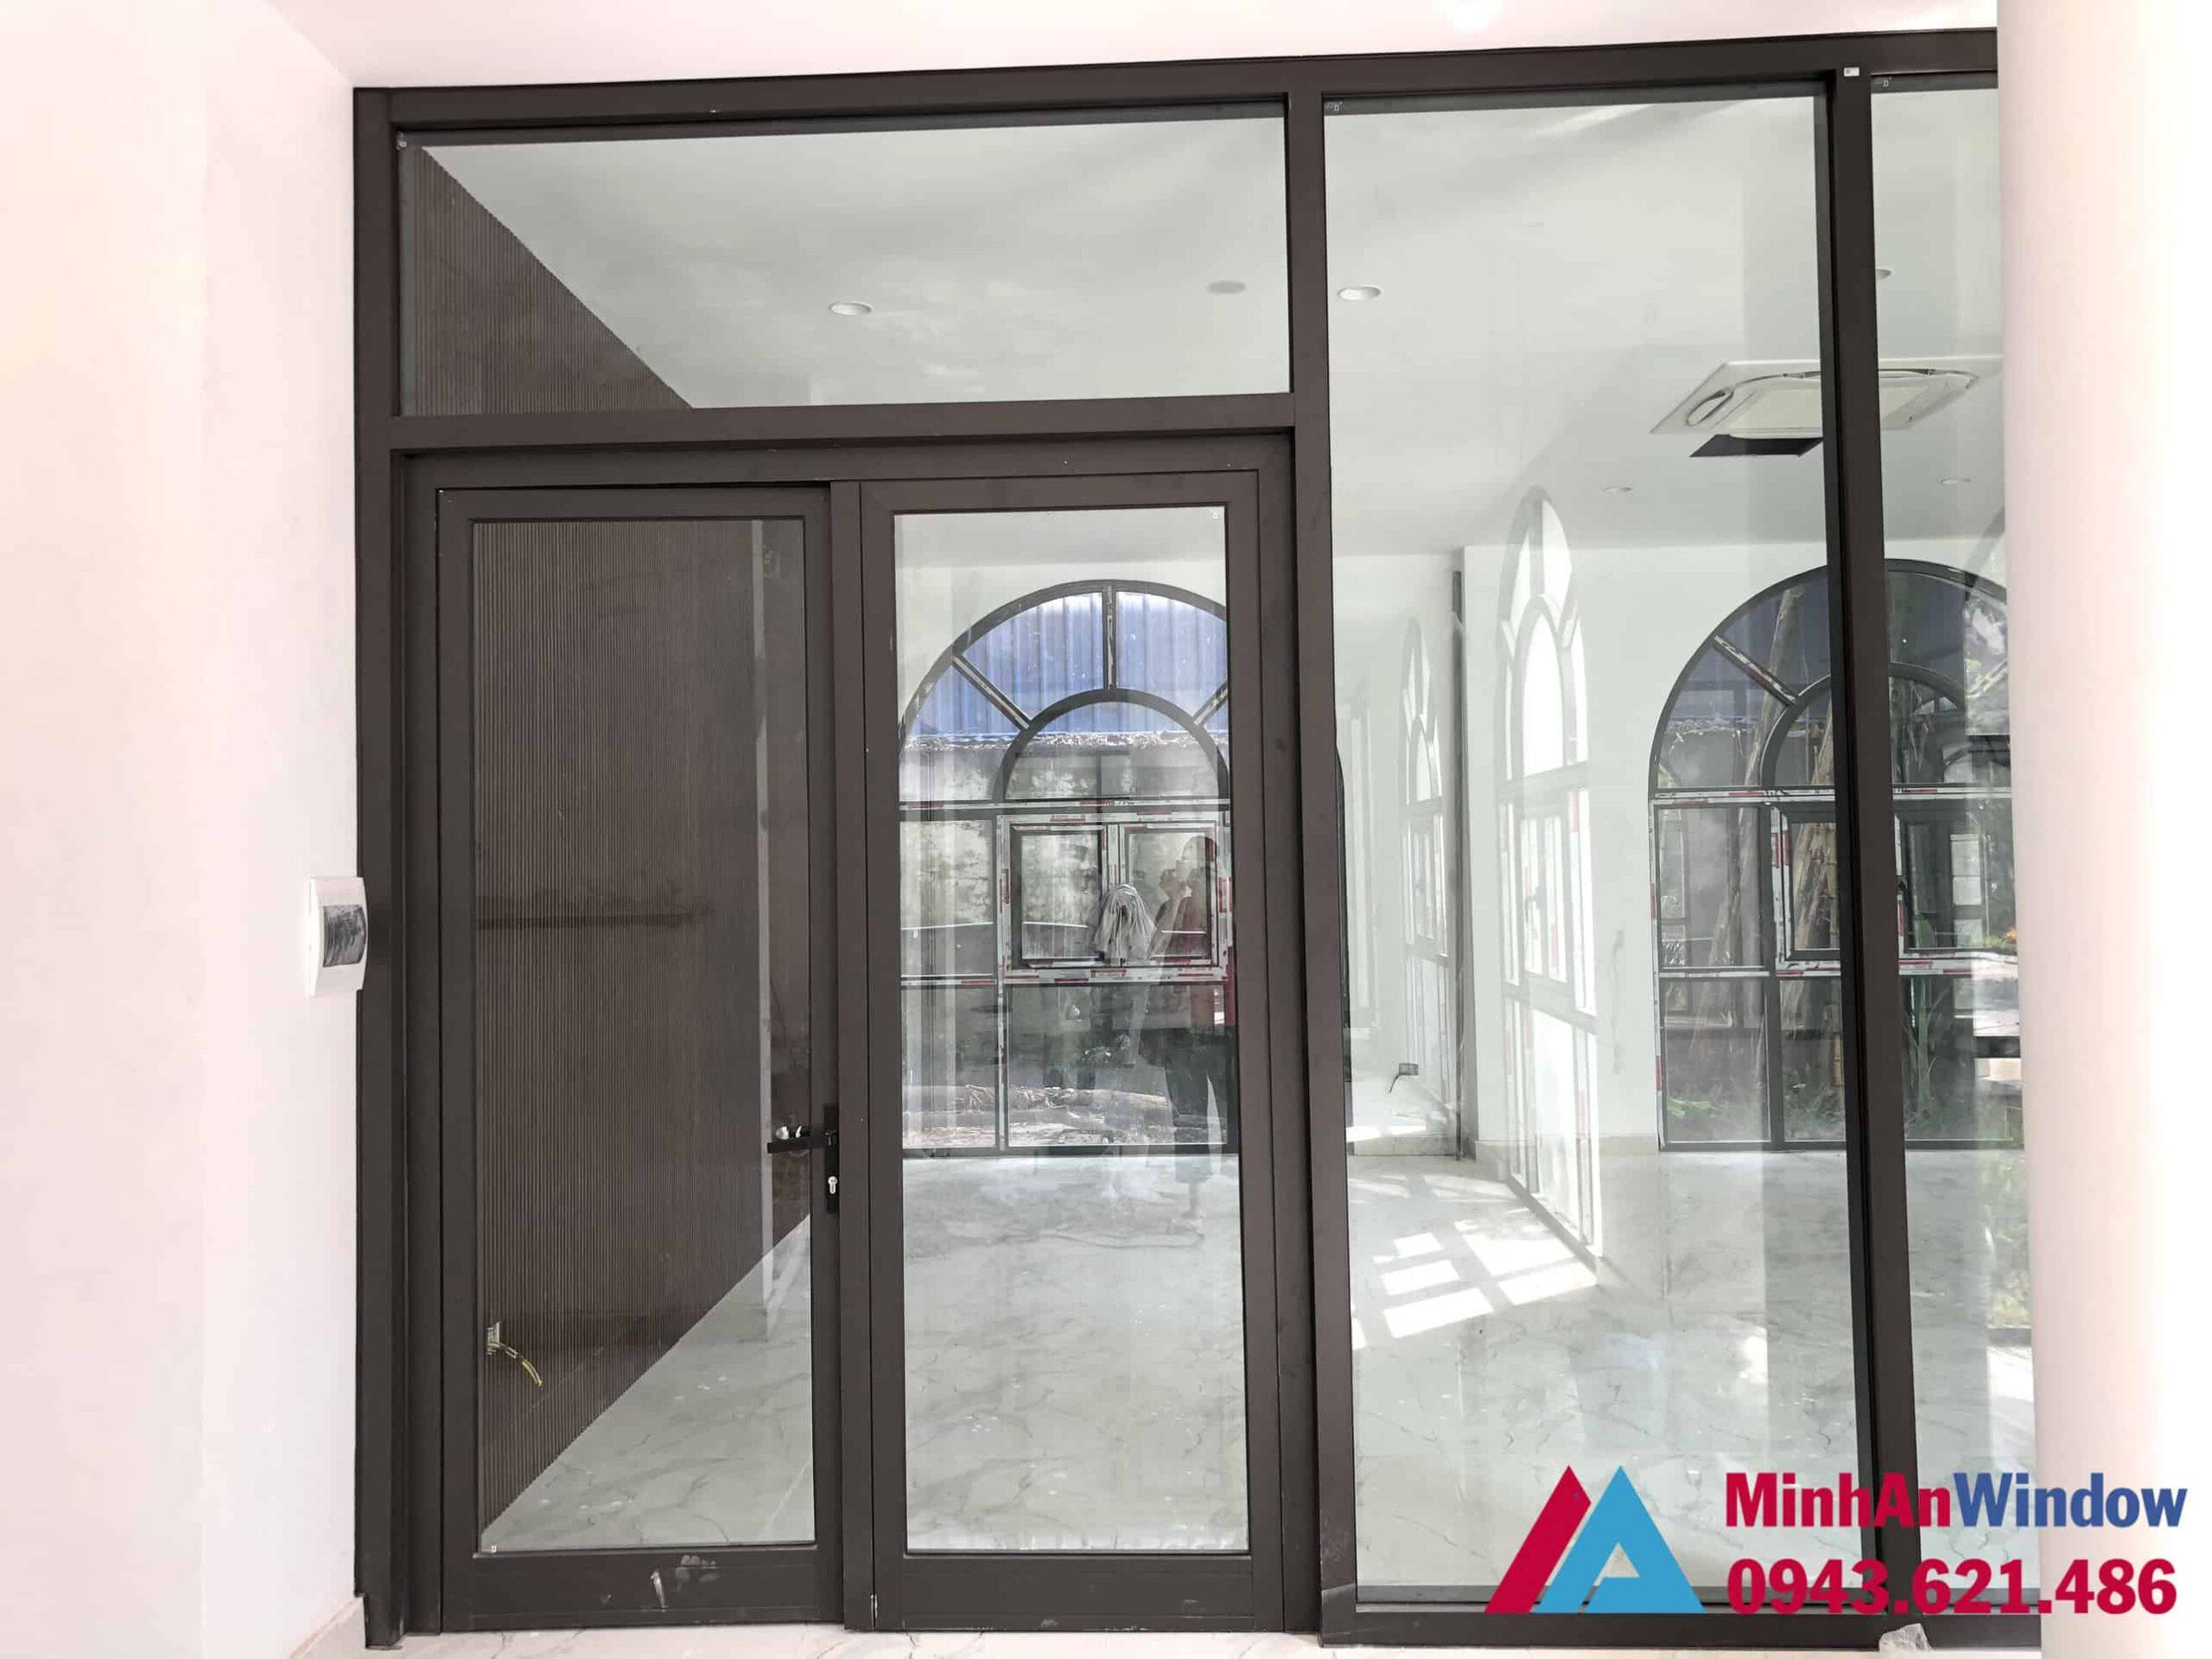 Mẫu cửa đi nhôm kính 2 cánh - Minh An Window thi công và lắp đặt